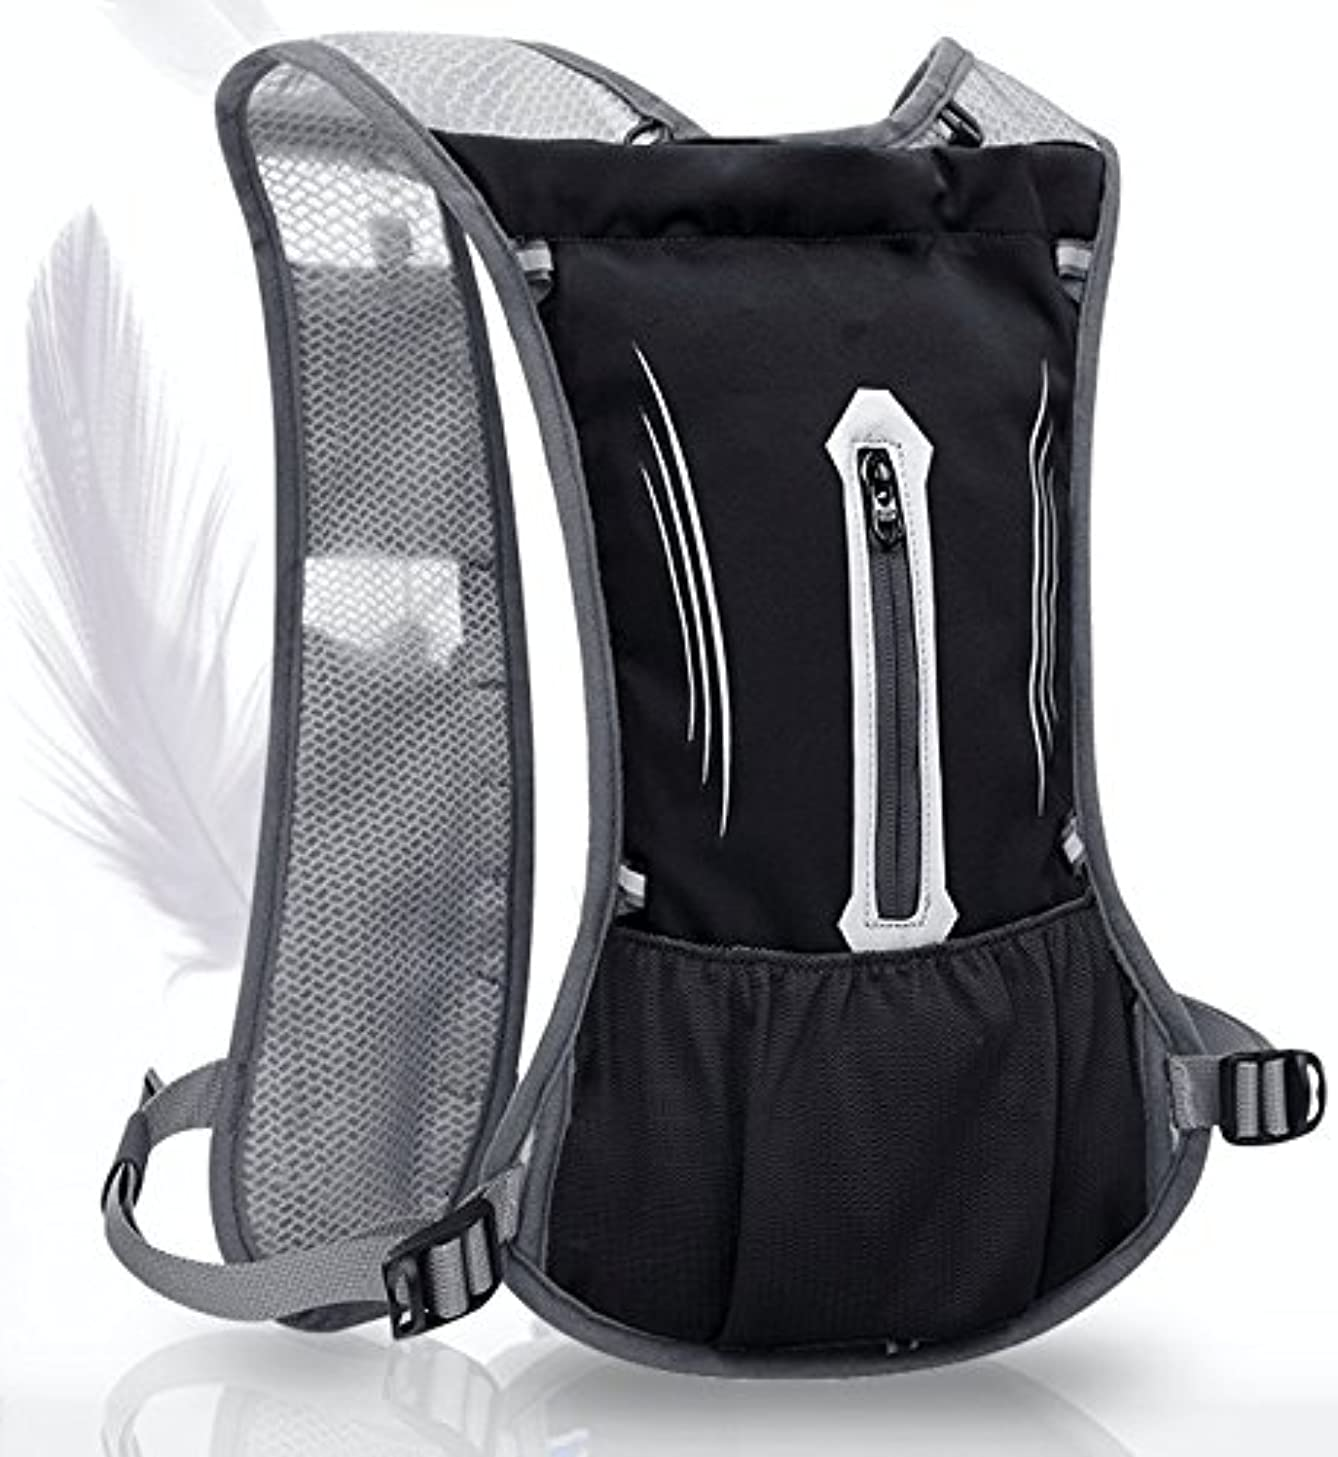 便益動作神経障害ANOTHER DIMENSION [超軽量190g] ランニングバッグ ランニングリュック サイクリングバッグ サイクリングリュック ハイドレーションバッグ